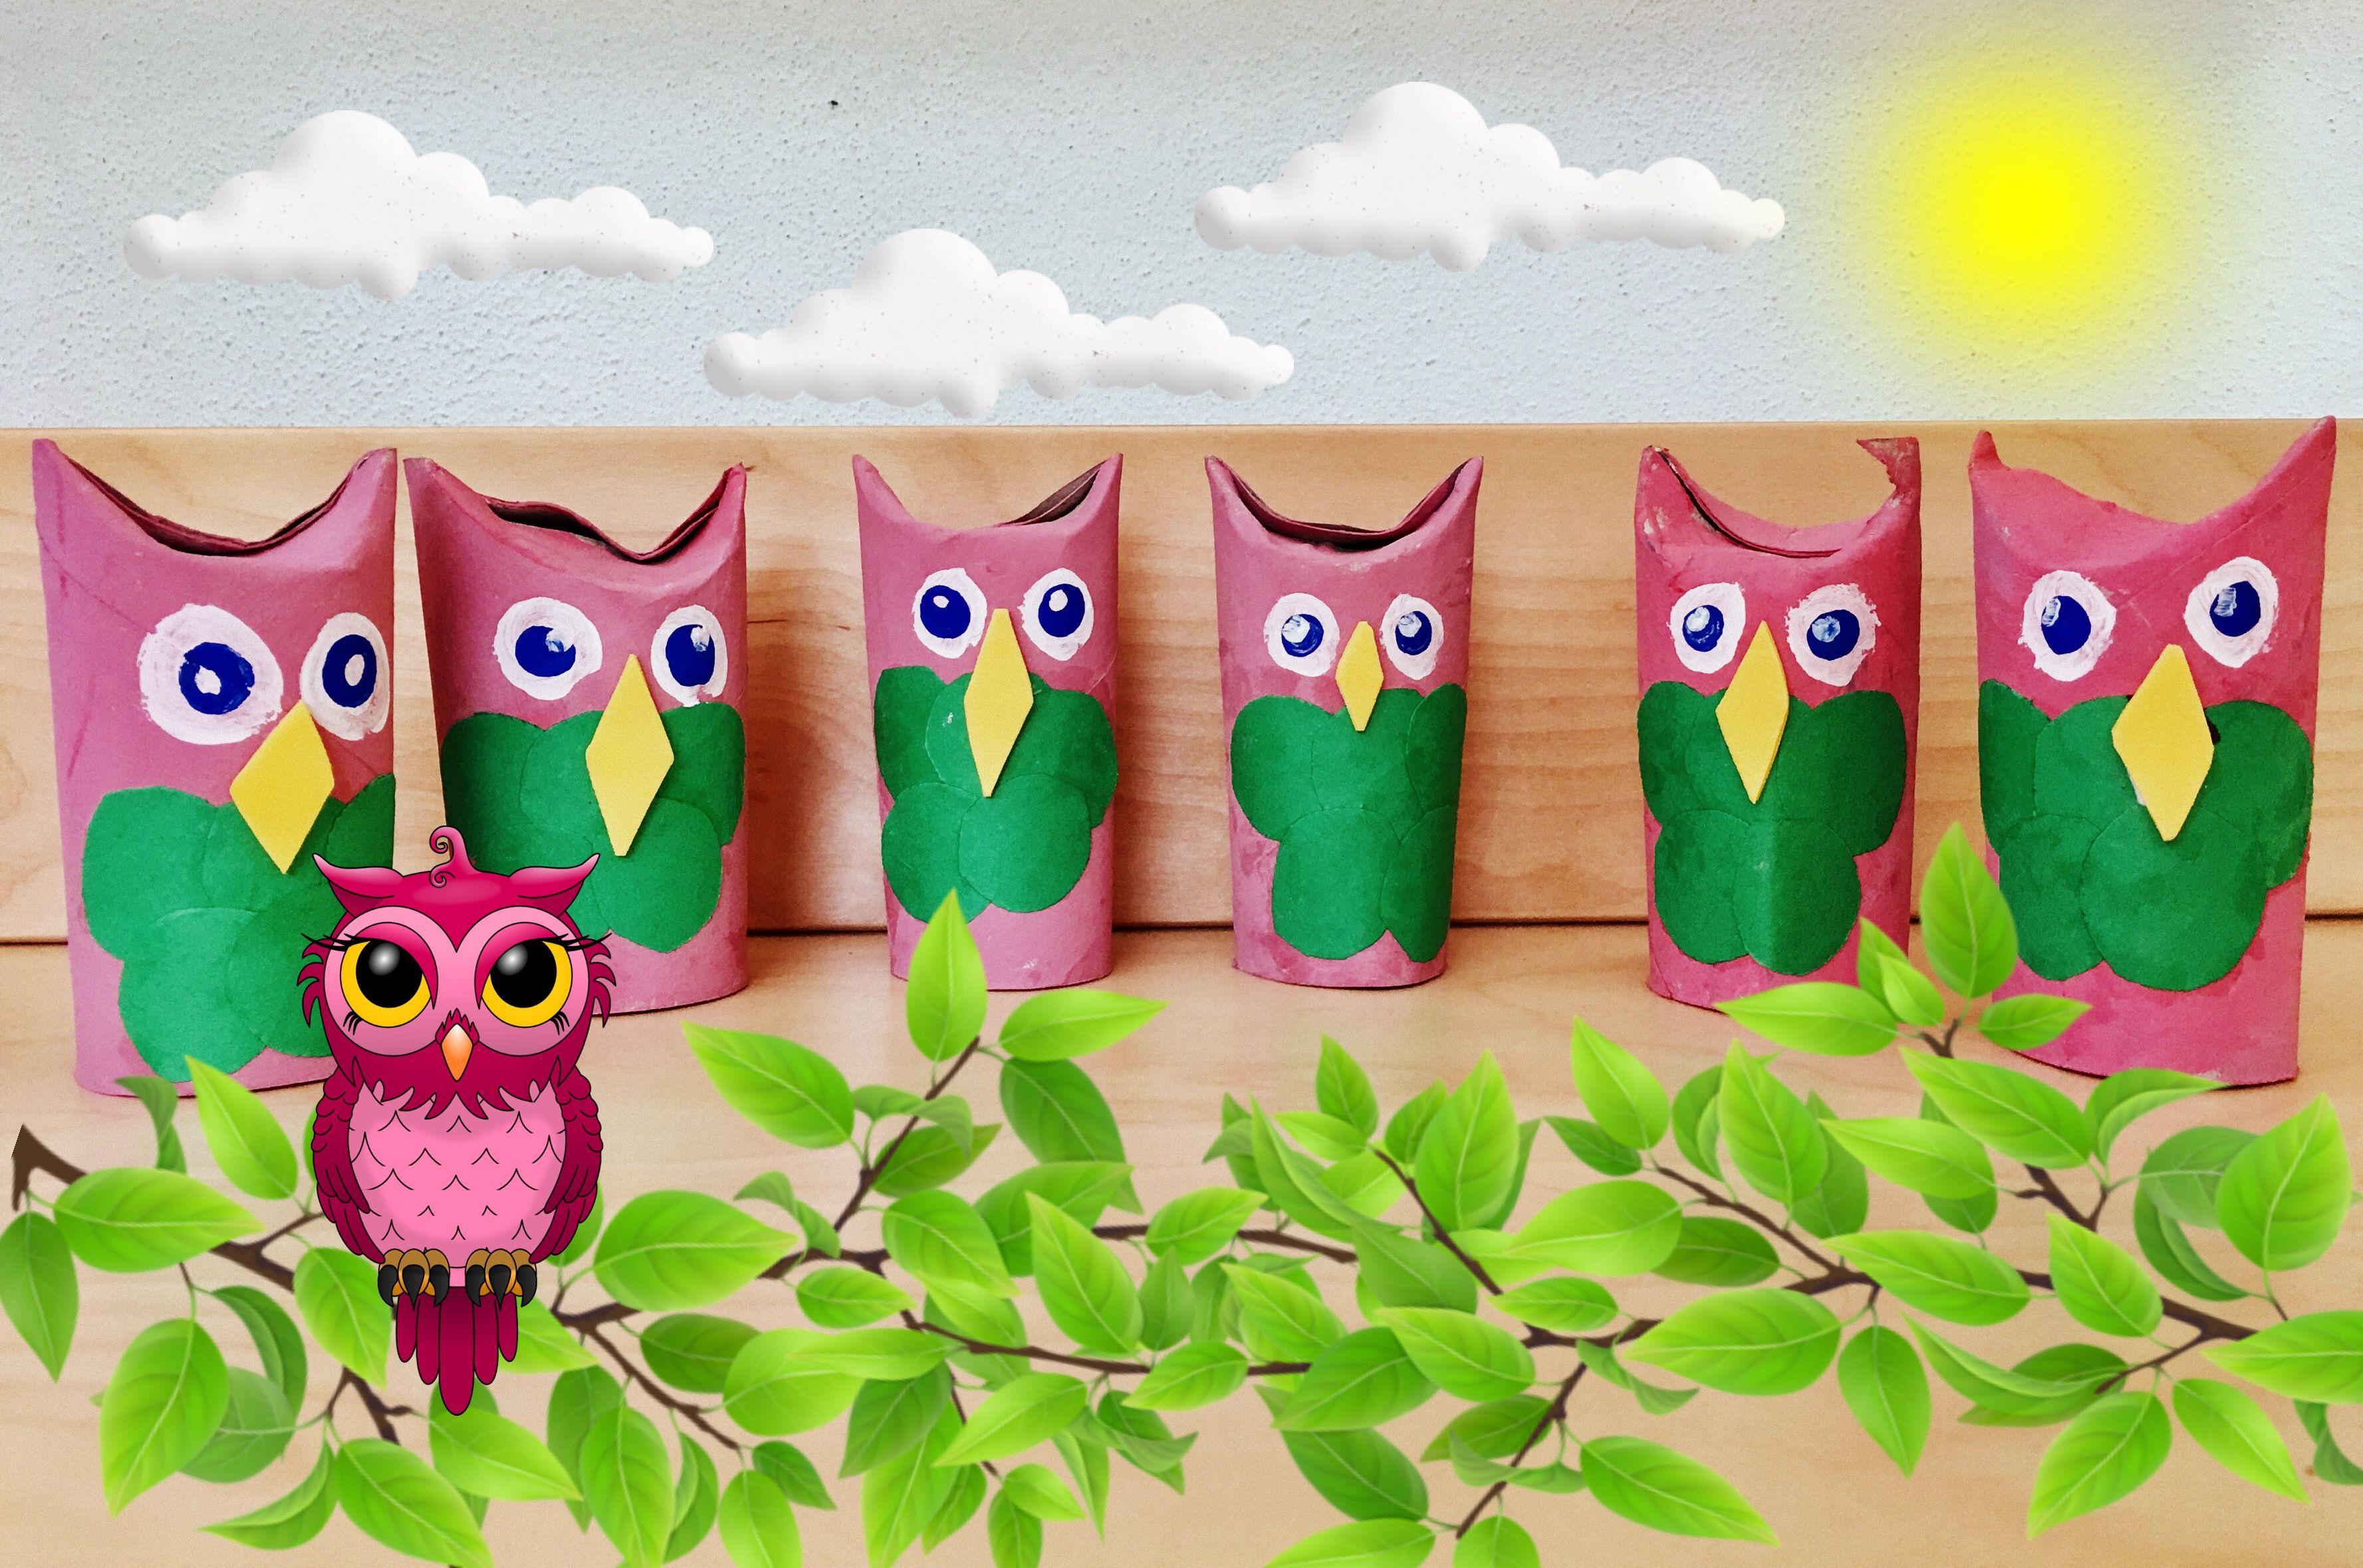 Bambini manga ~ Laboratorio riciclarte riciclo creativo lavoretti per bambini